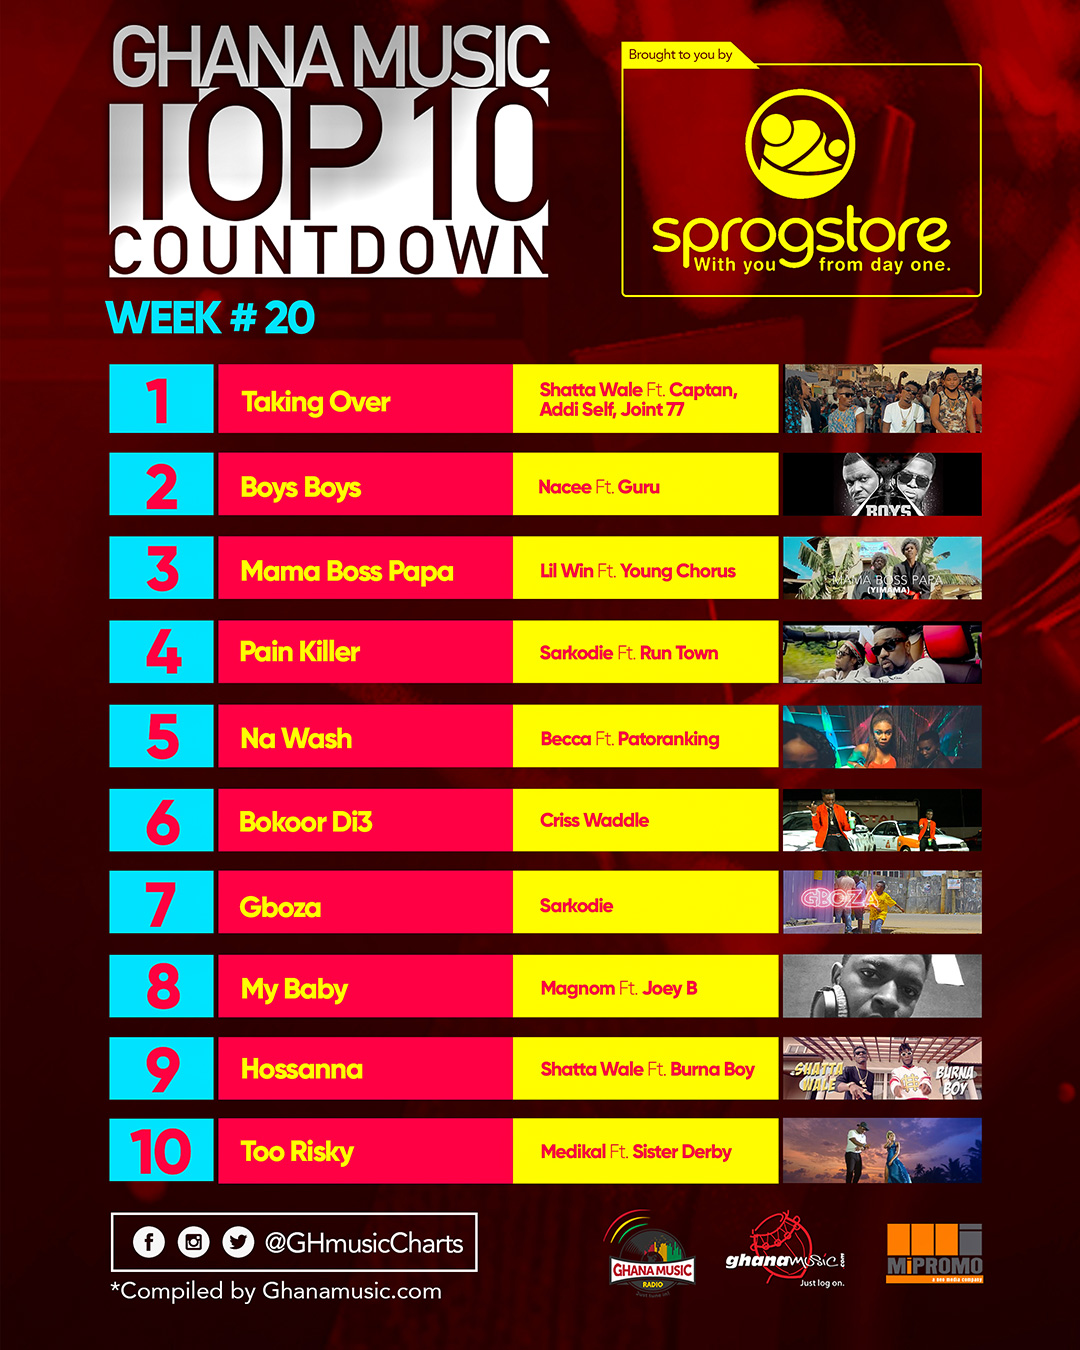 Week #20: Week ending Saturday, May 20th, 2017. Ghana Music Top 10 Countdown.